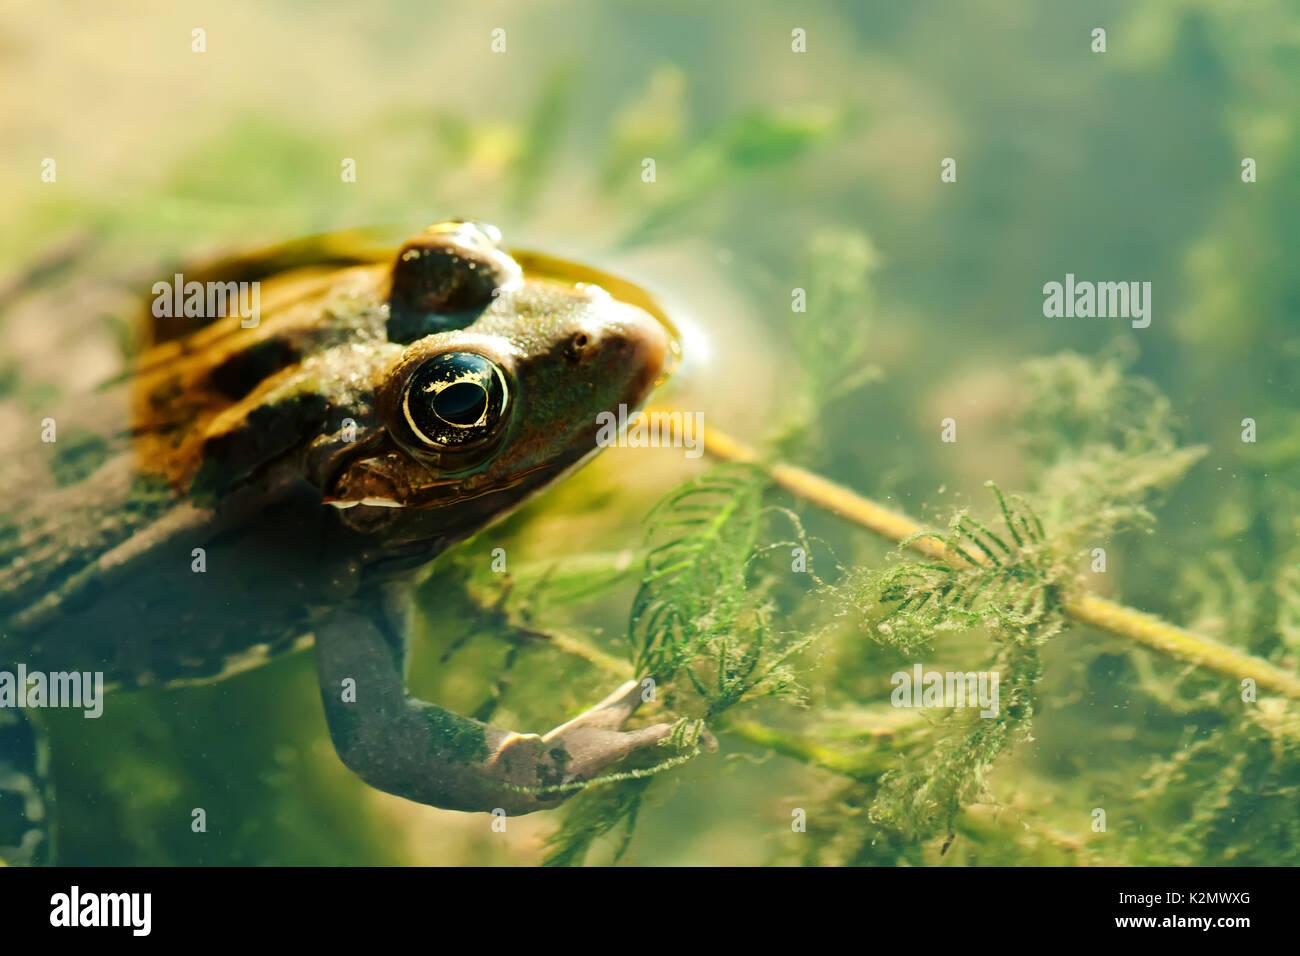 Hábitat natural natación rana verde Marsh, marrón de camuflaje anfibio Pelophylax ridibundus. Vista de arriba, el enfoque selectivo, río fondo floral Imagen De Stock